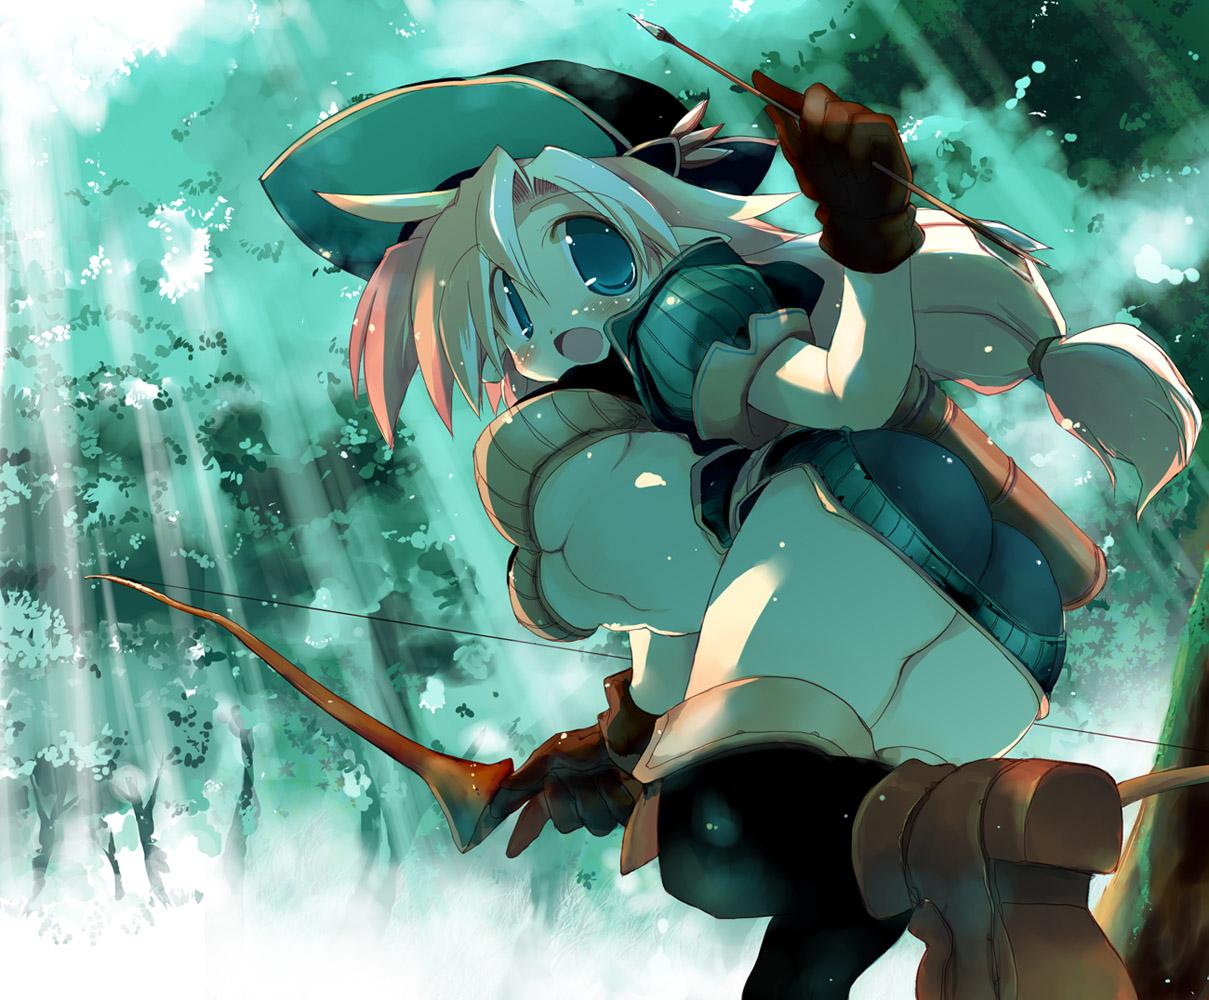 blonde_hair blue_eyes blush boots bow_(weapon) forest gloves hat original sakaki tree underboob weapon